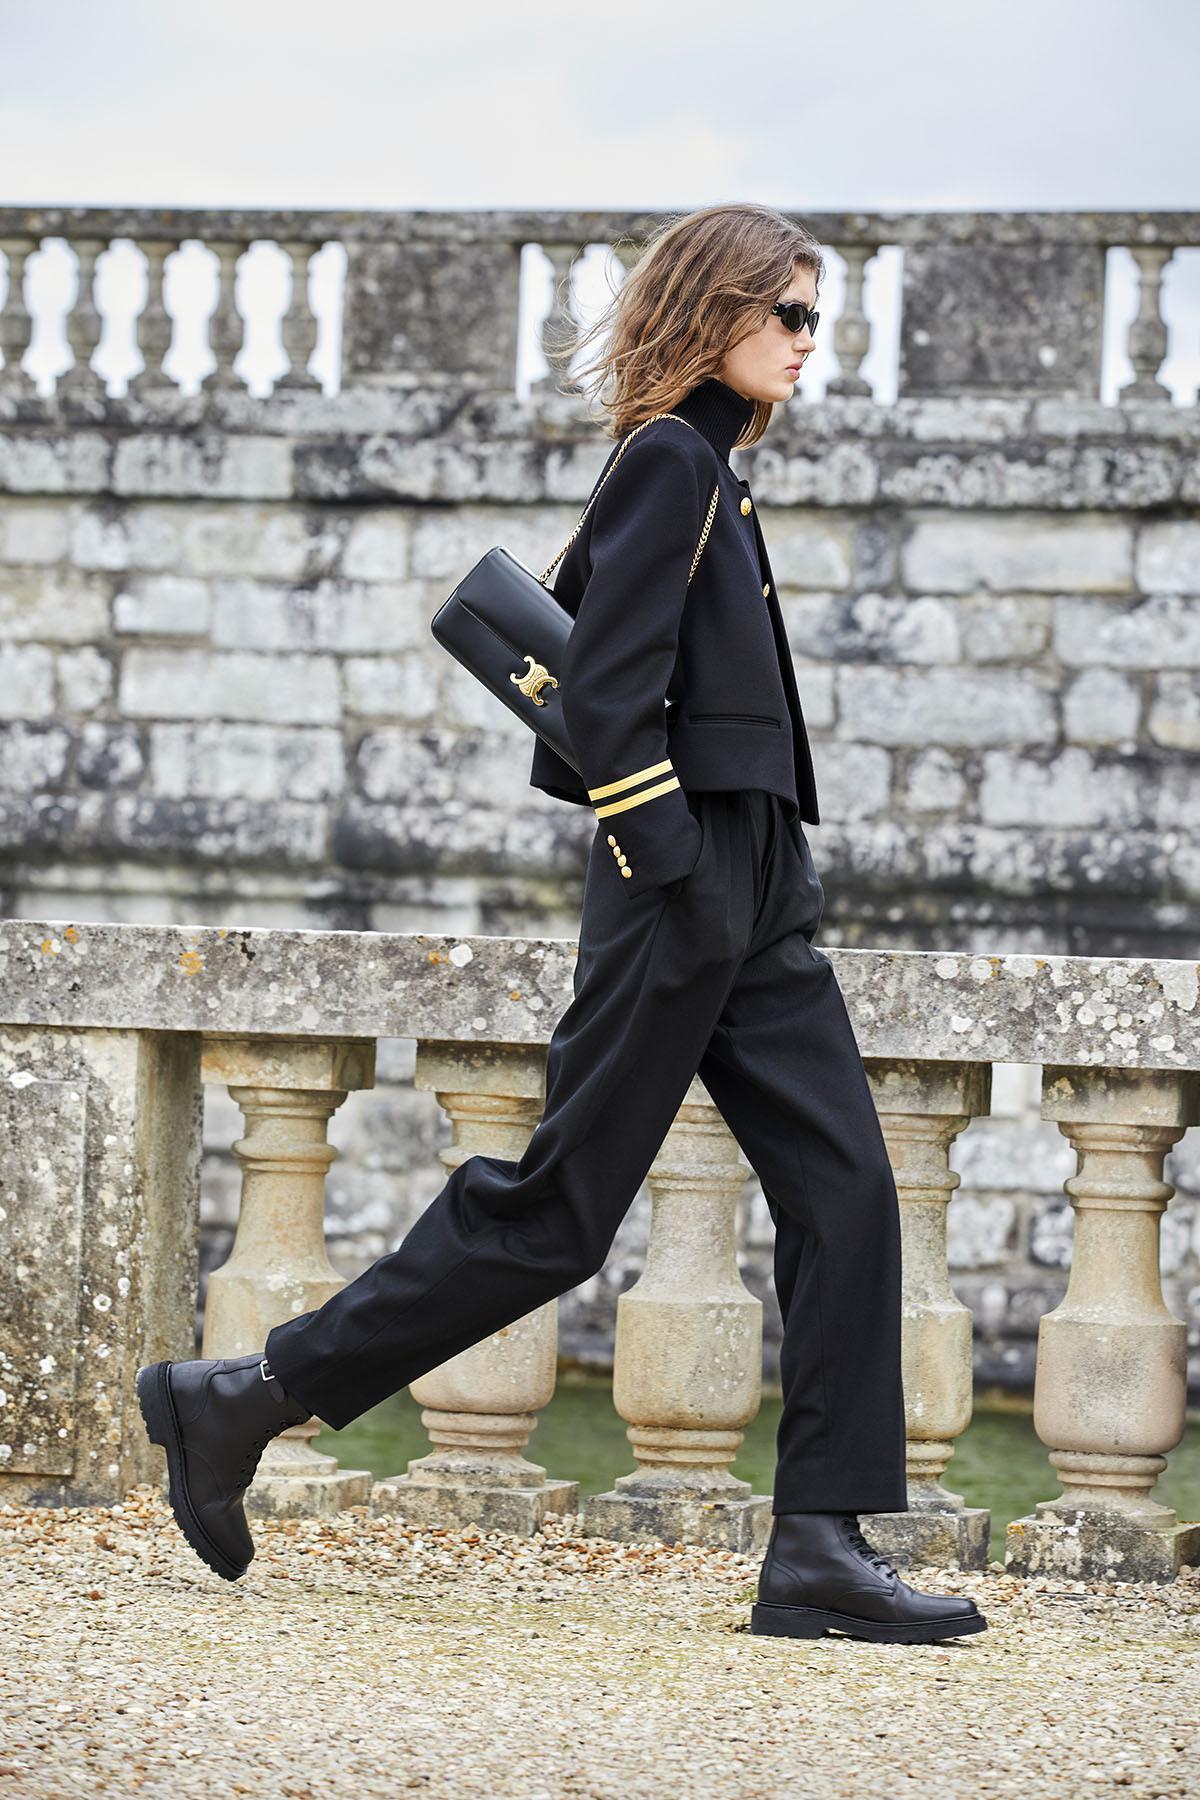 古堡里的时装秀应该如何演绎?